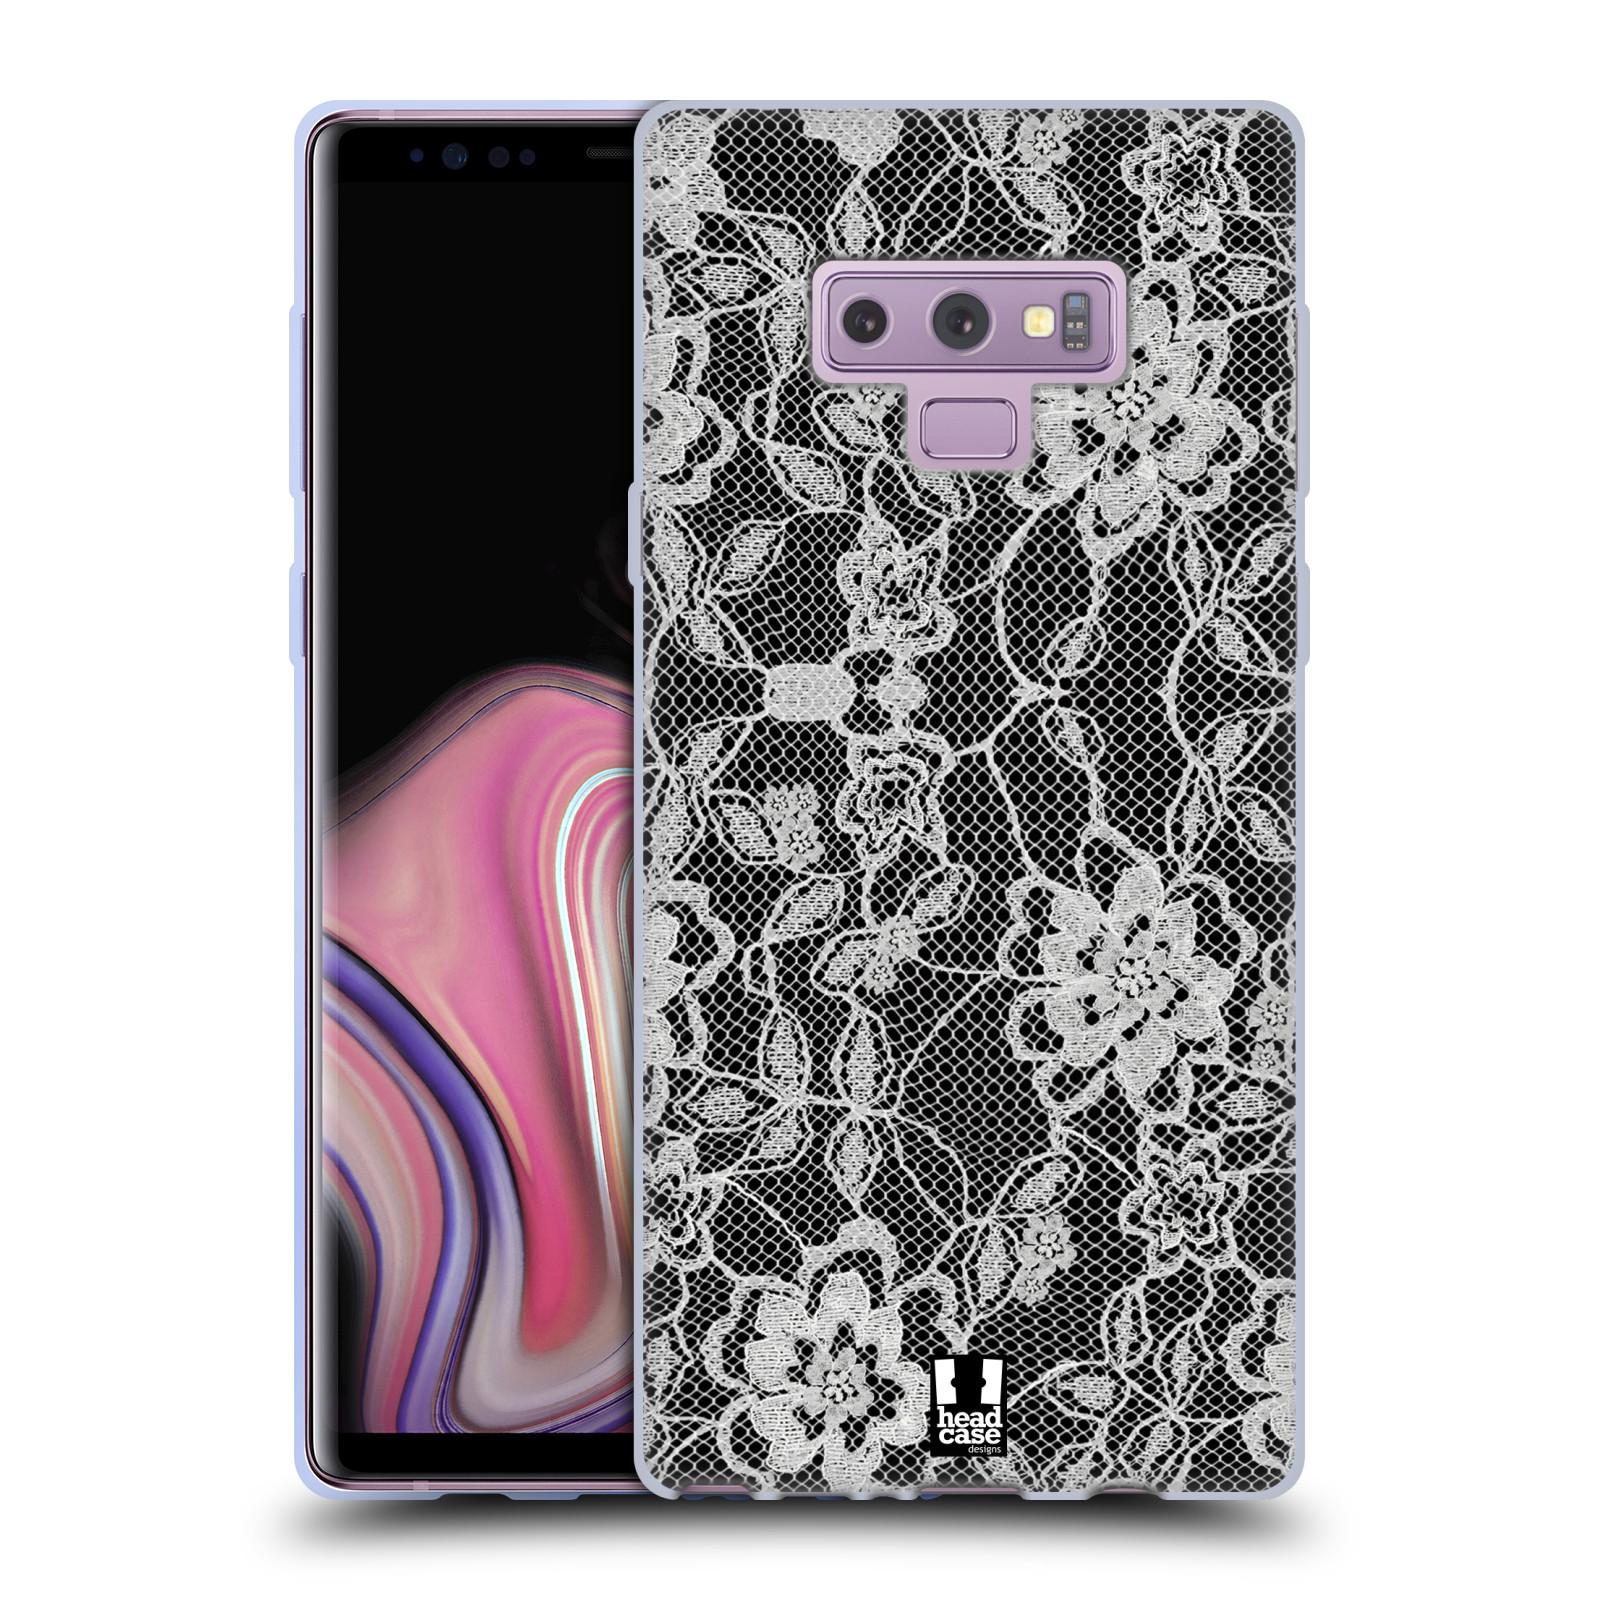 Silikonové pouzdro na mobil Samsung Galaxy Note 9 - Head Case - FLOWERY KRAJKA